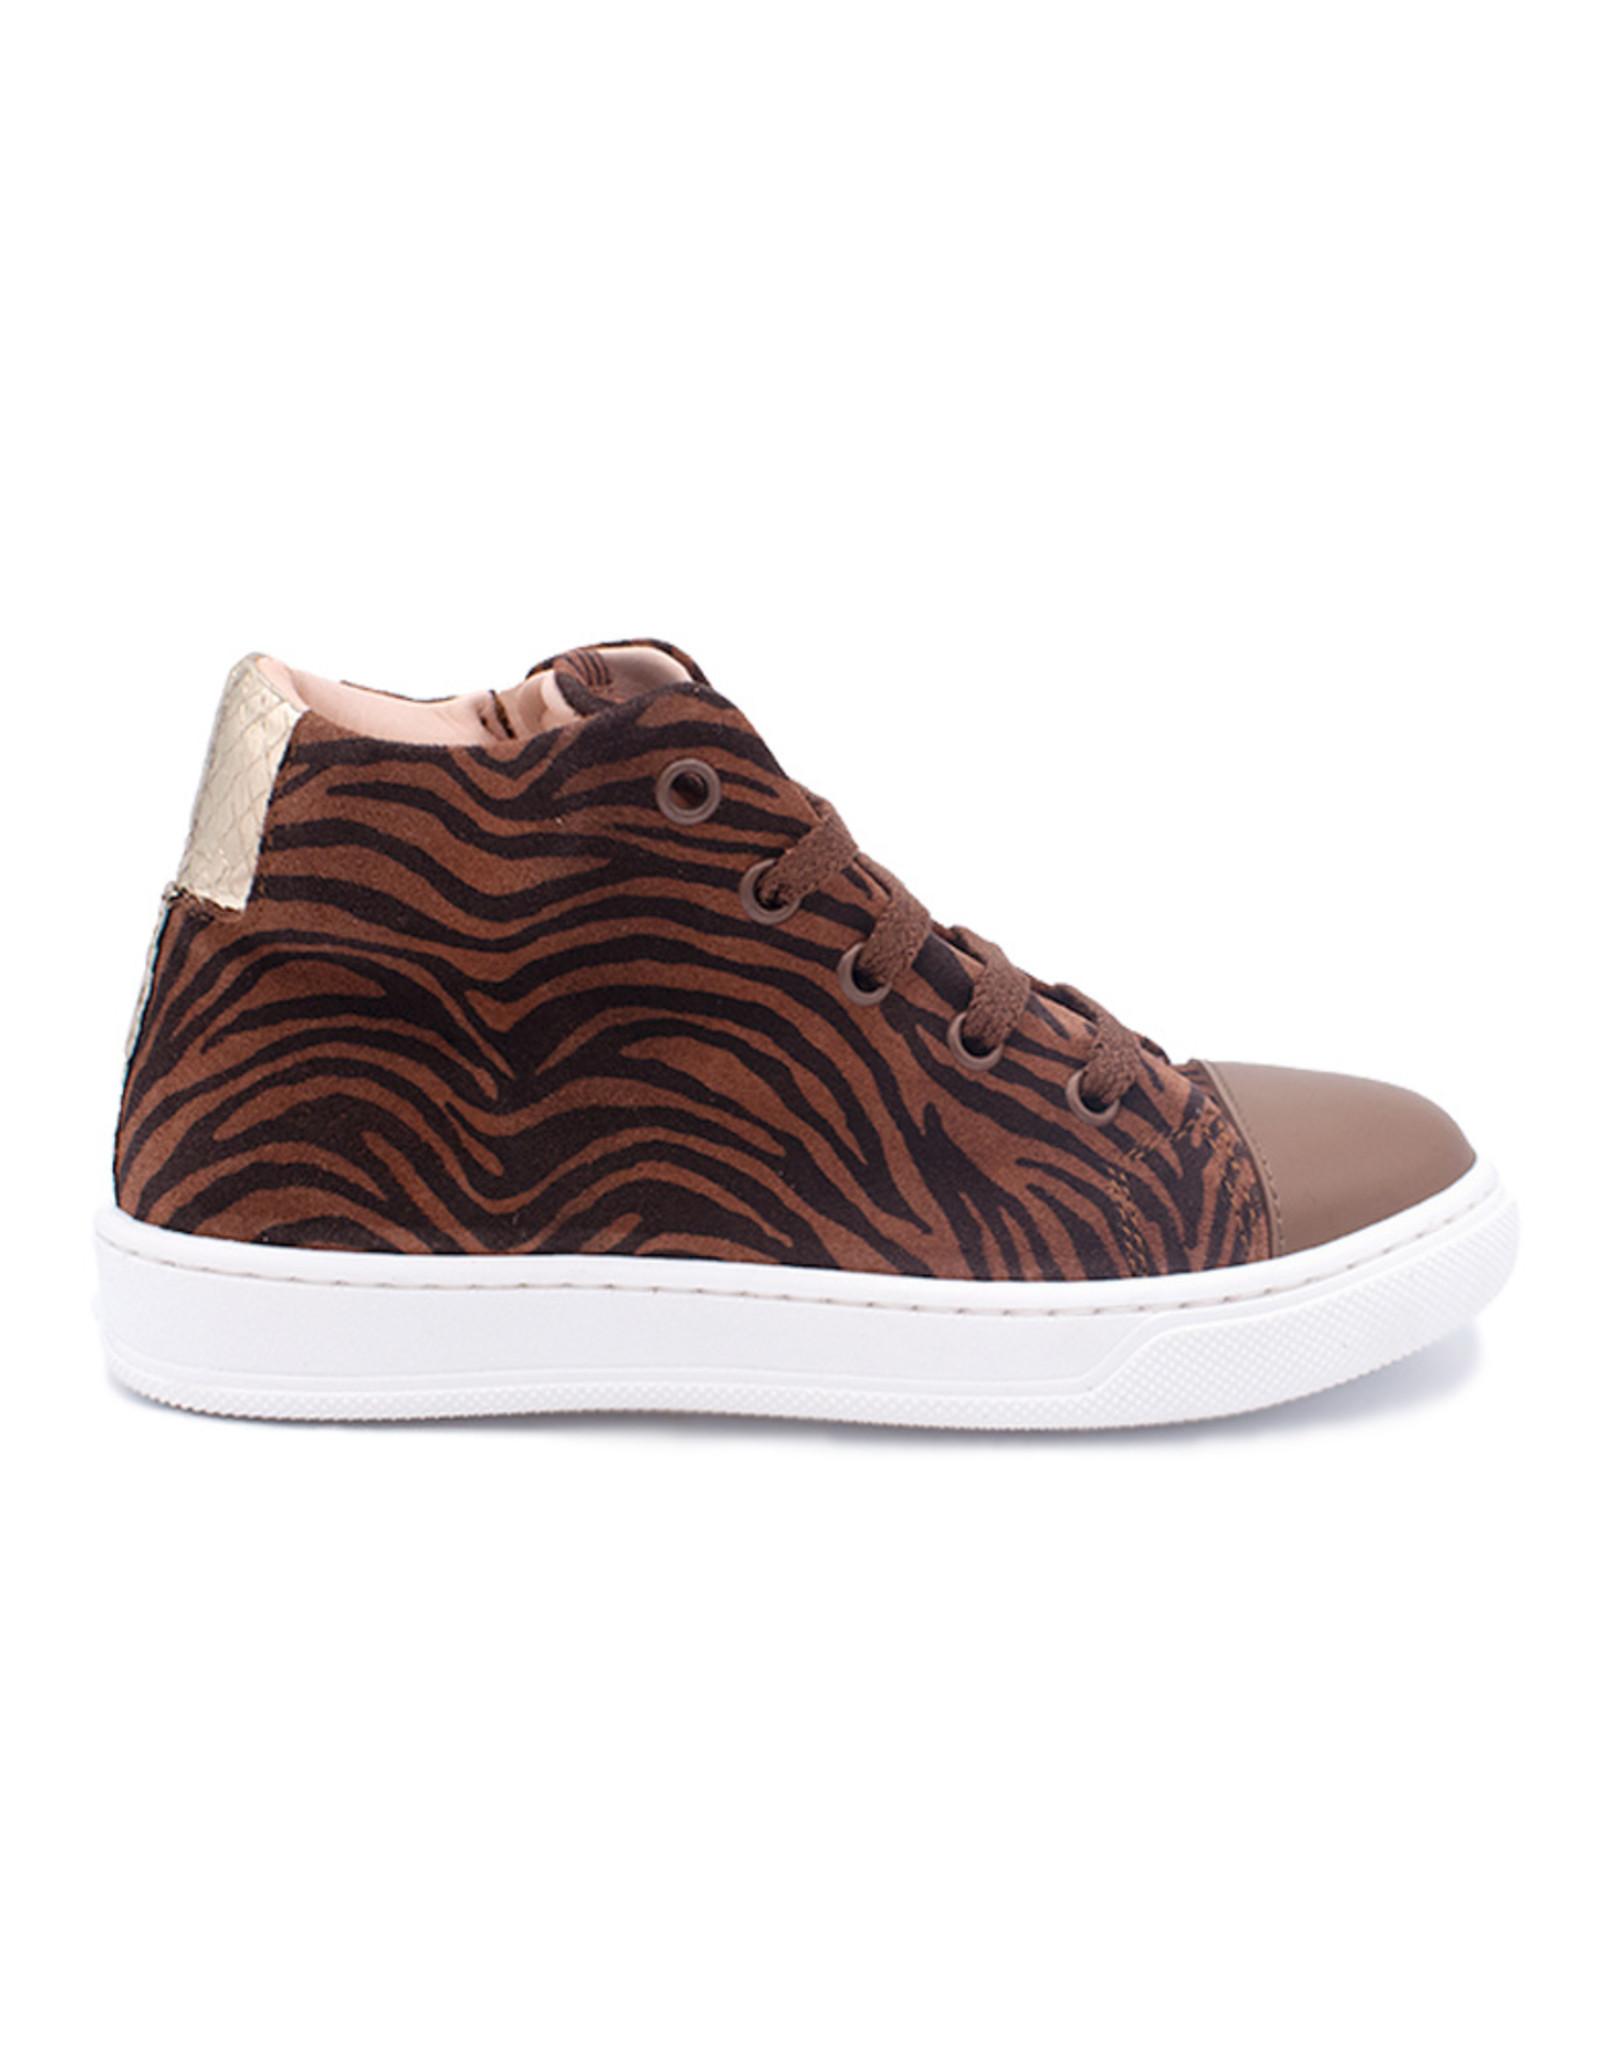 RONDINELLA RONDINELLA sneaker zebra bruin